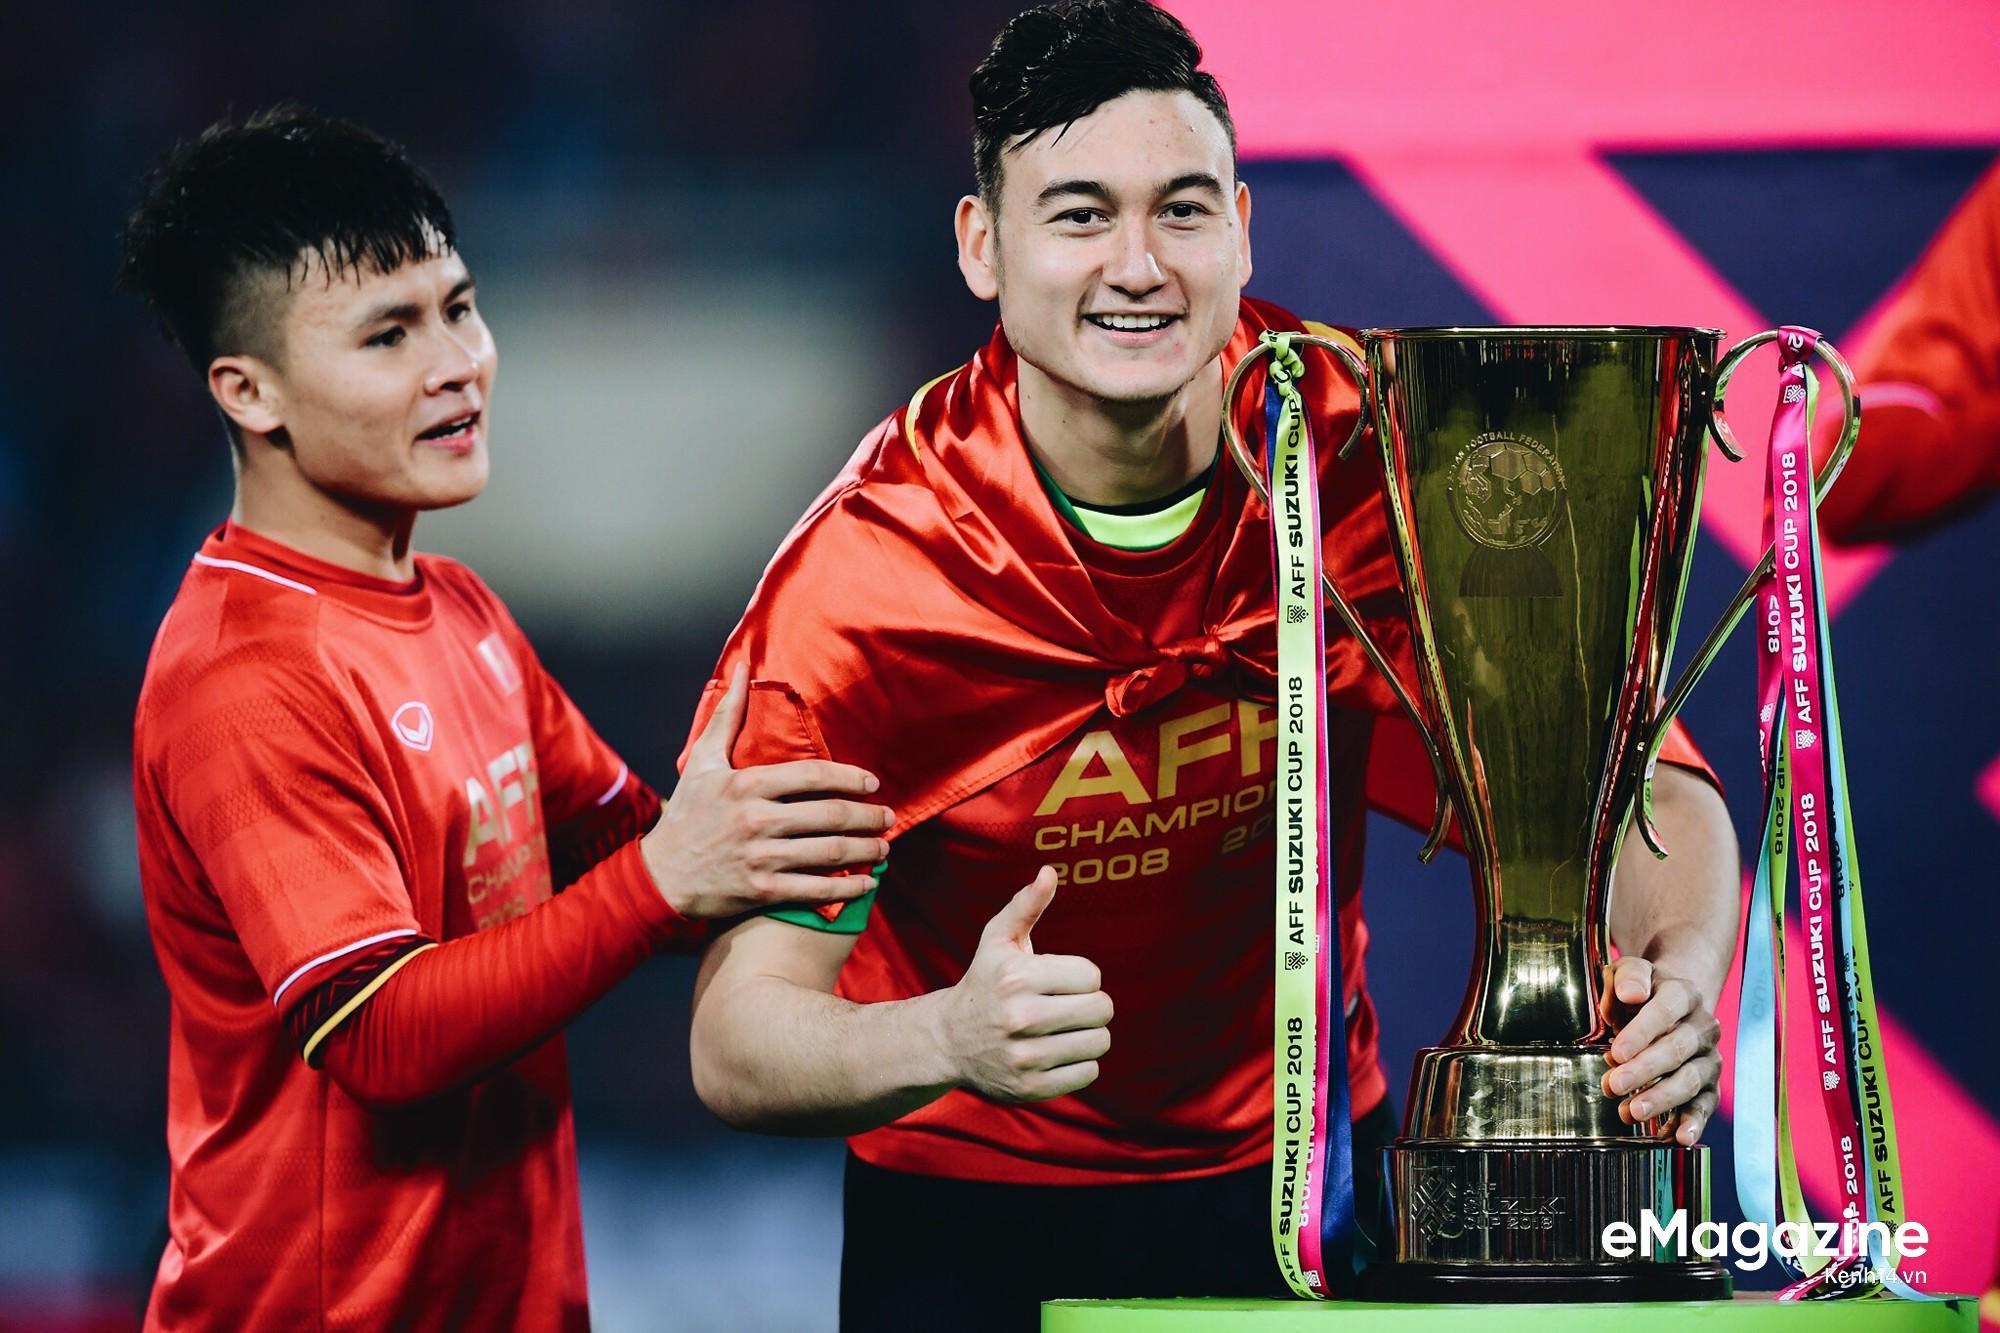 Không chỉ là cúp vàng hôm nay, thế hệ bóng đá Việt Nam mới mang tới cho ta niềm tin vào những thứ tốt đẹp hơn - Ảnh 6.